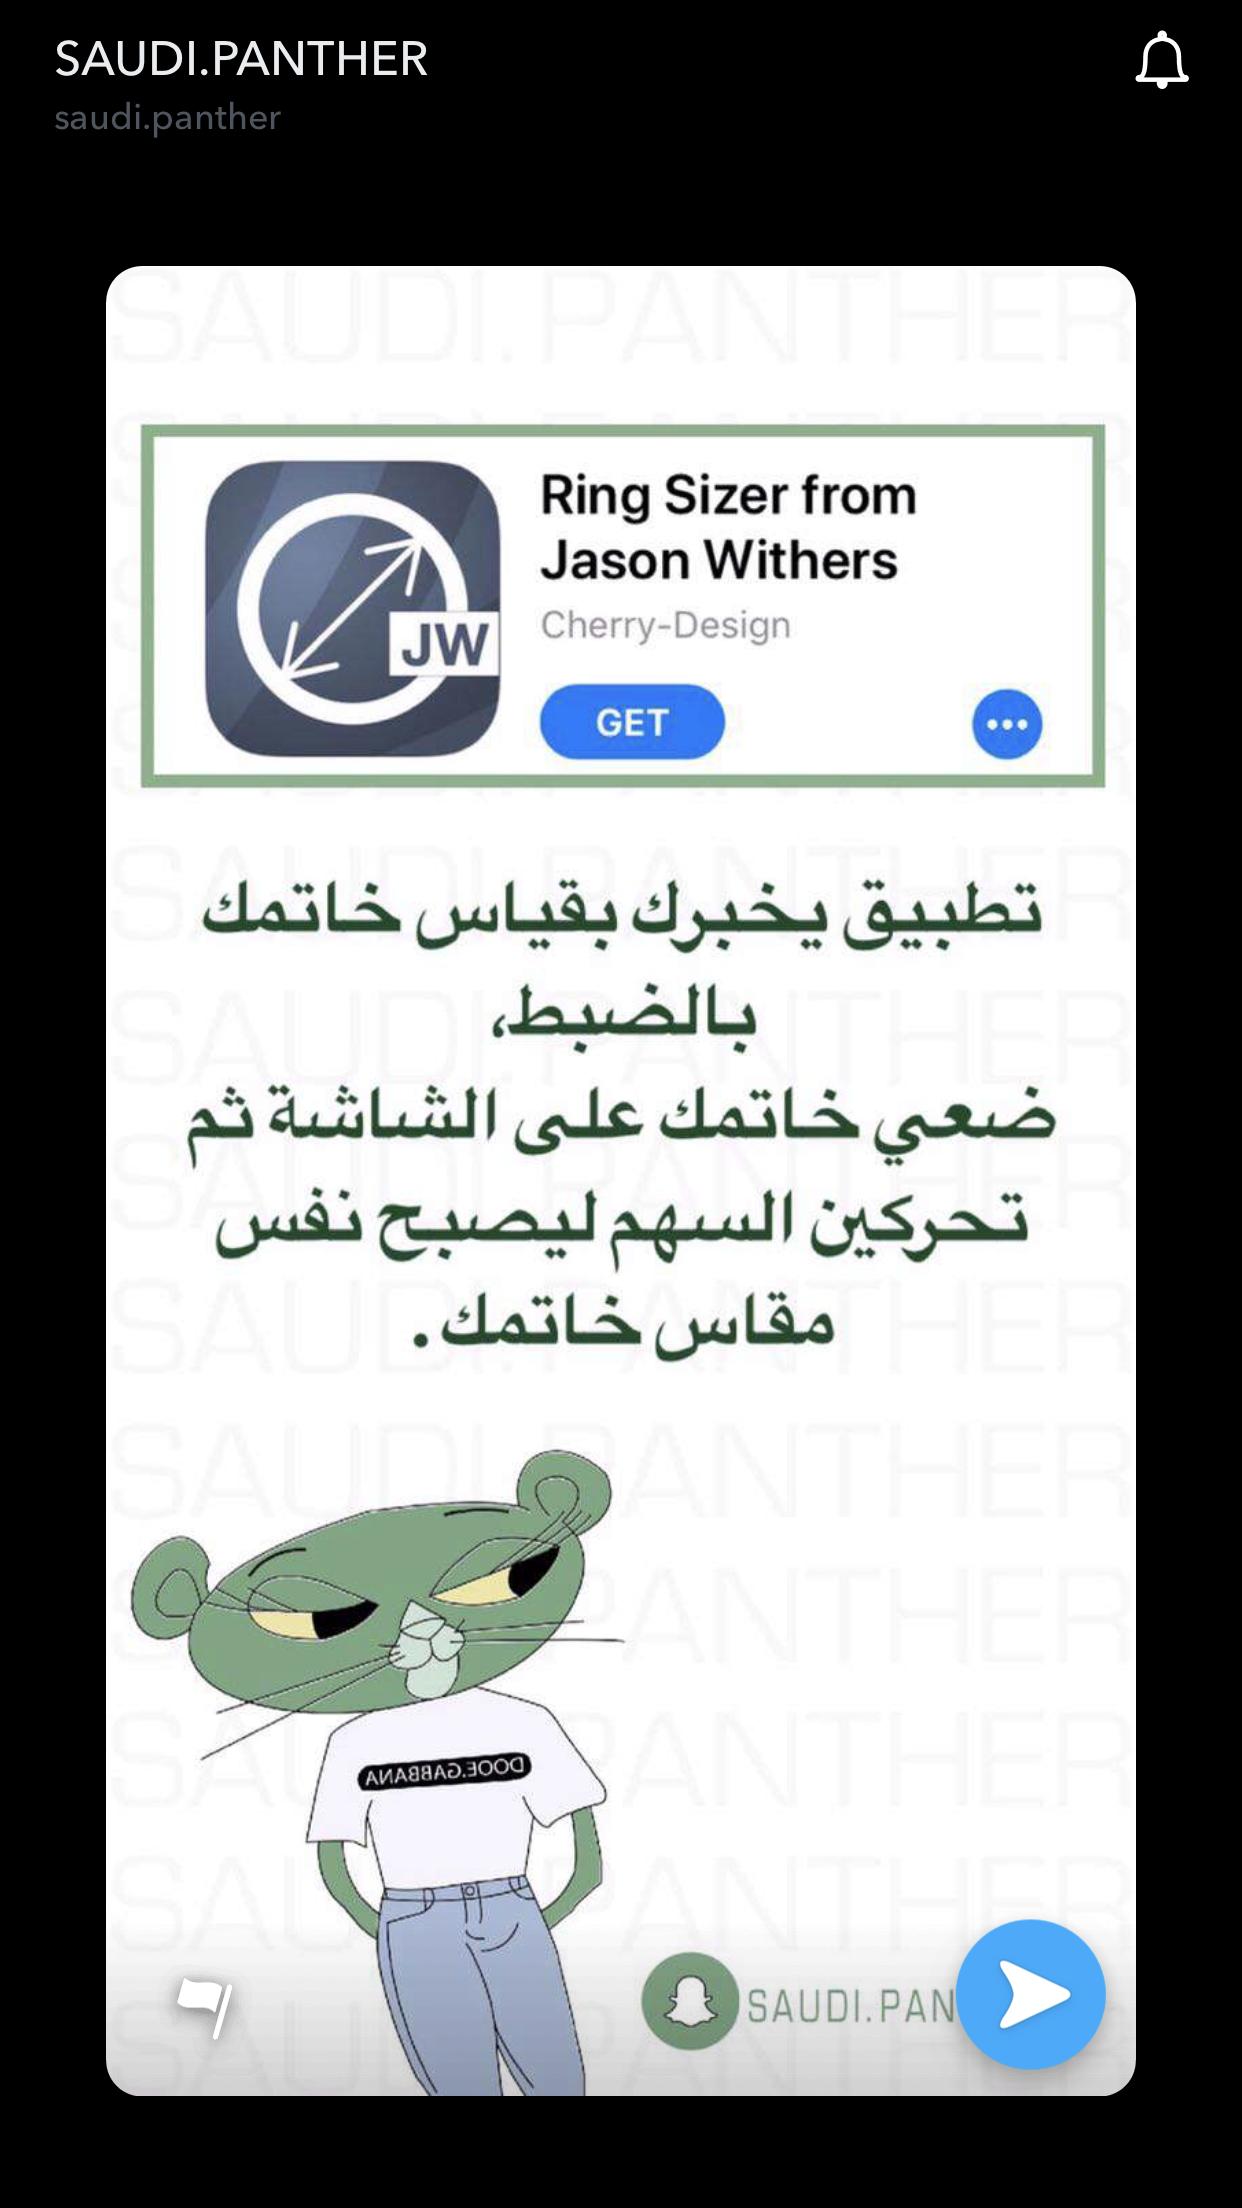 Pin by Mei Mei 💜 on مواقع مفيدة Iphone app layout